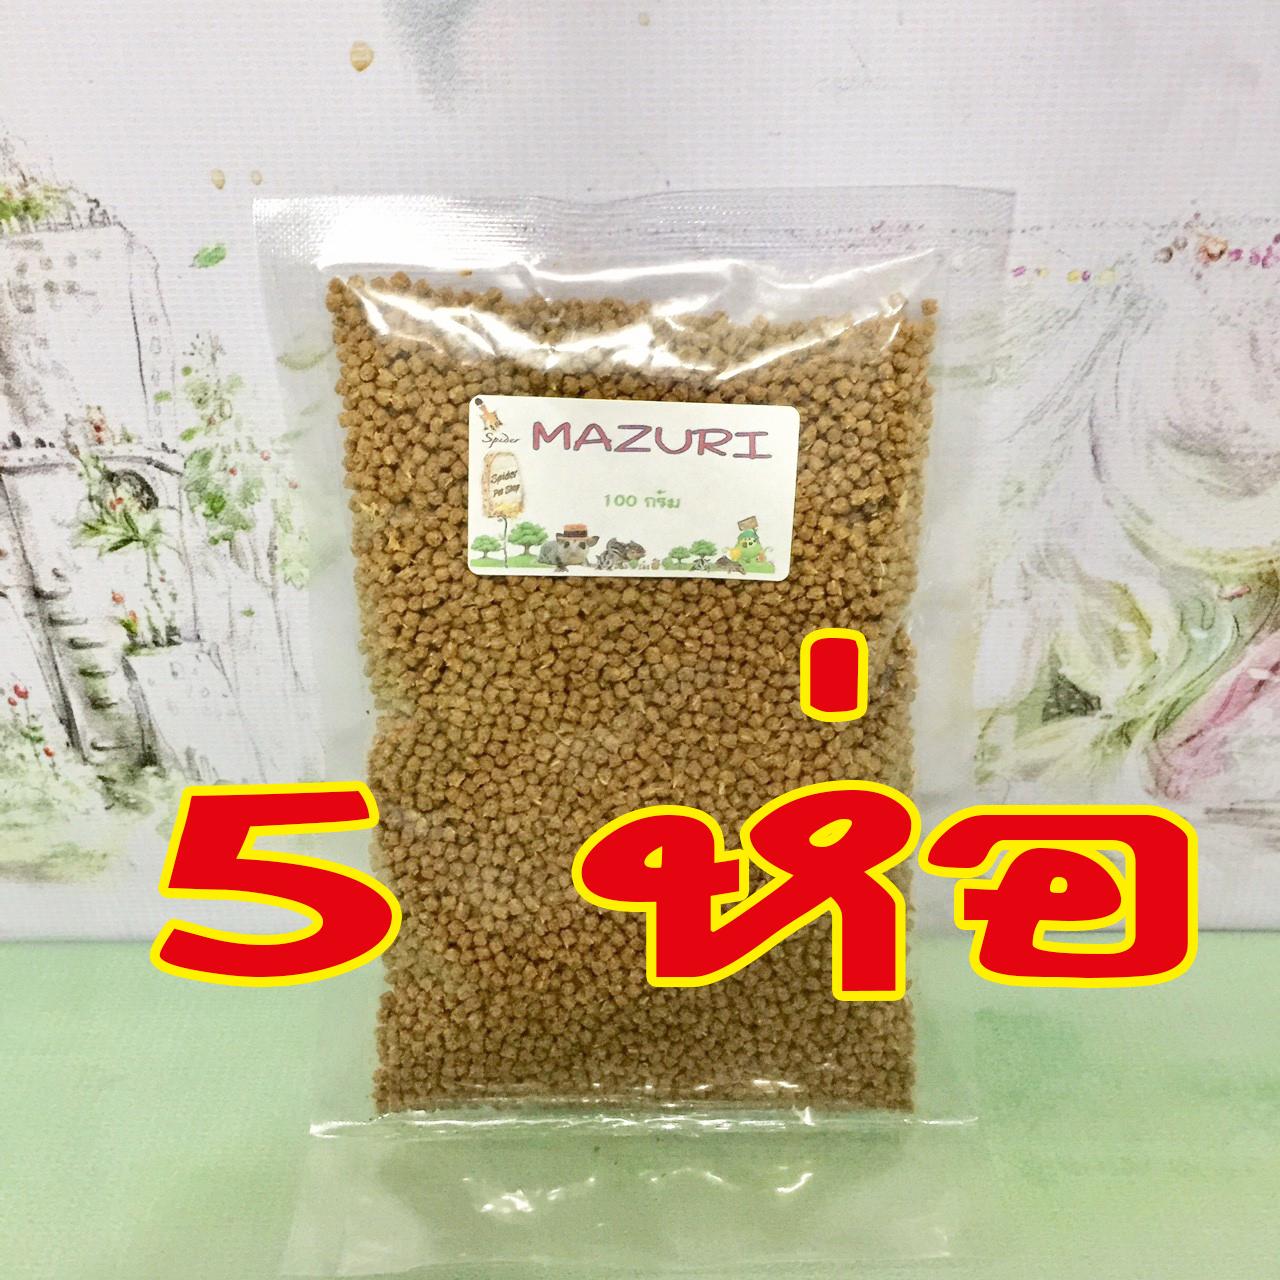 MAZURI INSECTIVORE DIET 100กรัม*5ห่อ (รวม 500 กรัม)